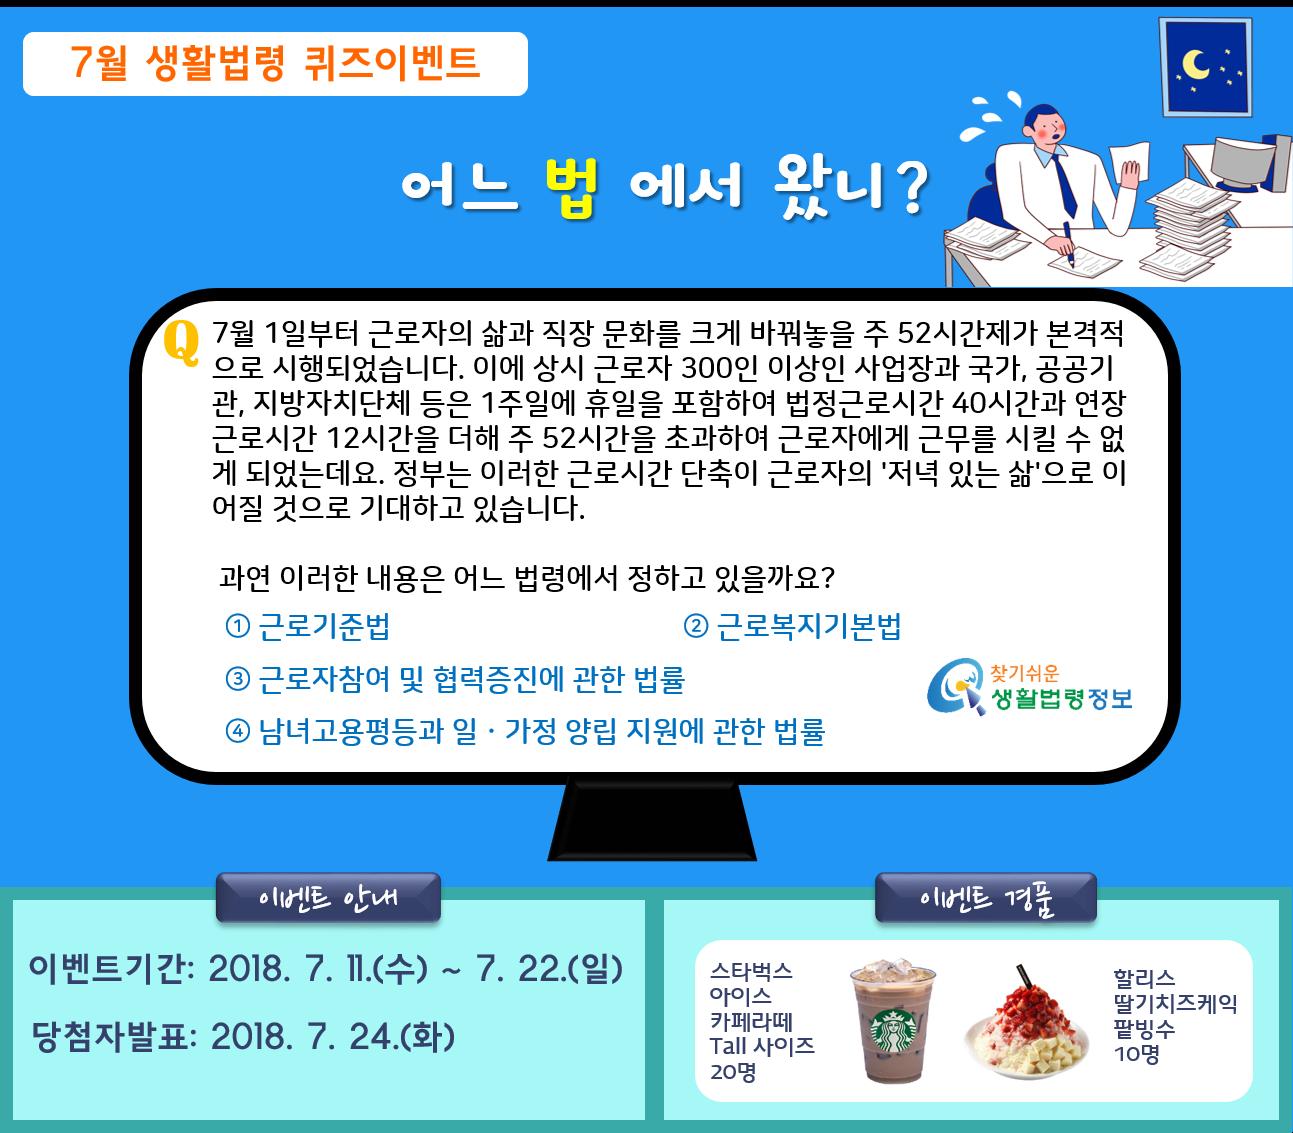 """2018년 7월 생활법령 퀴즈 이벤트 개최 """"어느 법에서 왔니"""""""